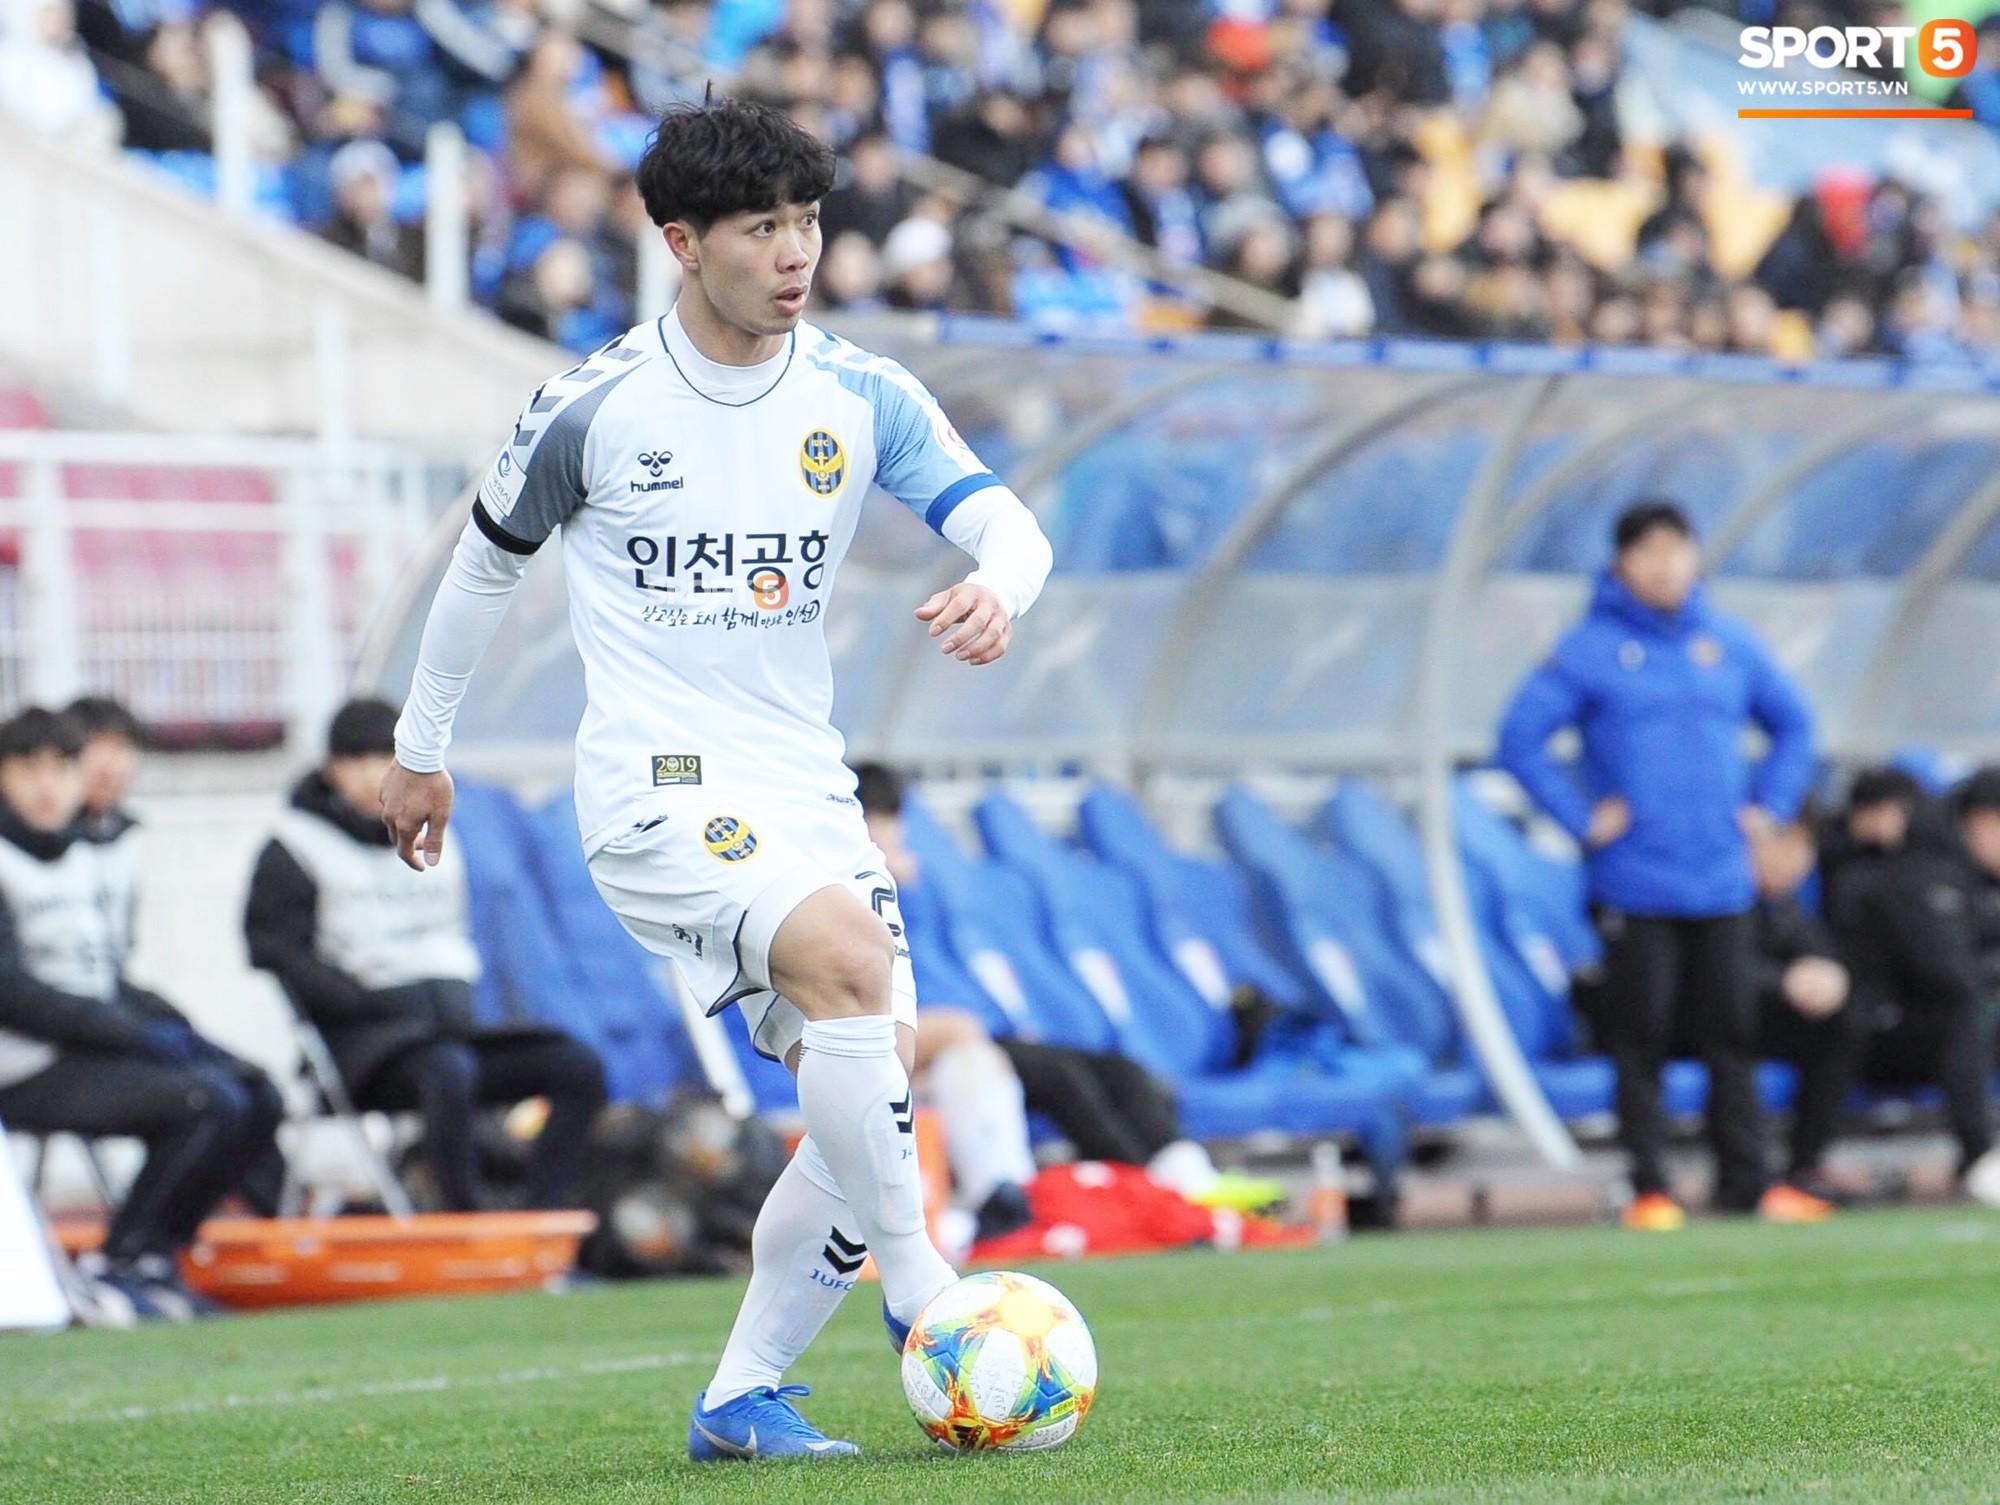 HLV Incheon United: Công Phượng thất bại ở Hàn Quốc vì không thể chơi cho một đội bóng chỉ biết phòng ngự - Ảnh 2.